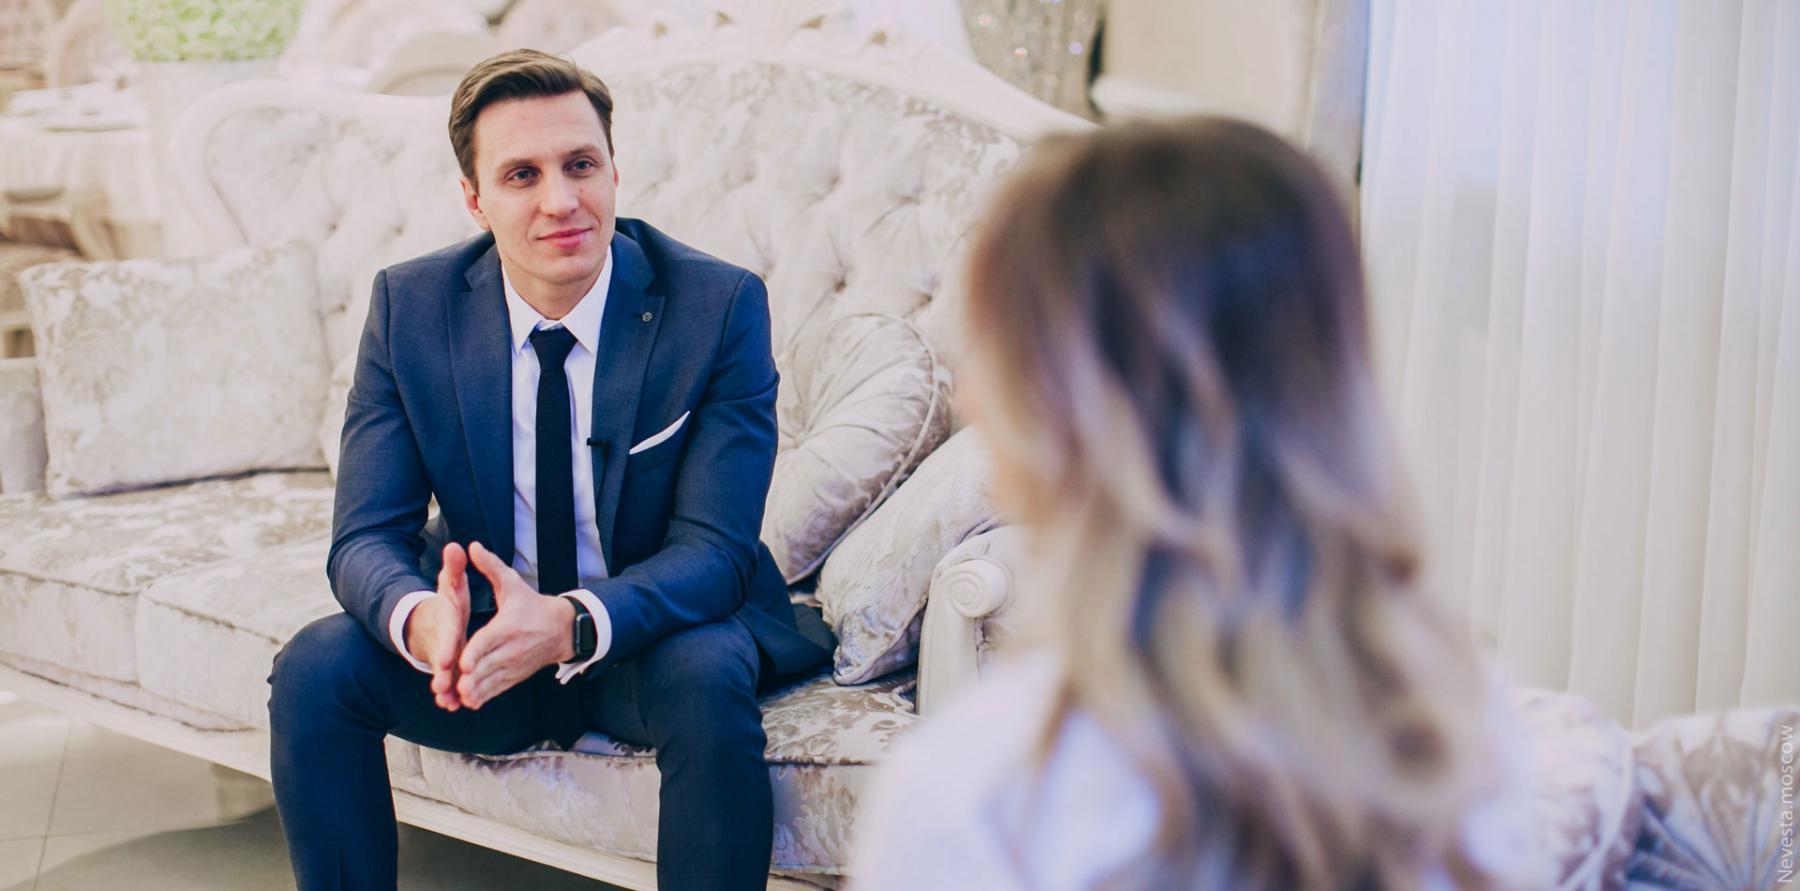 Первая встреча с ведущим: на что обратить